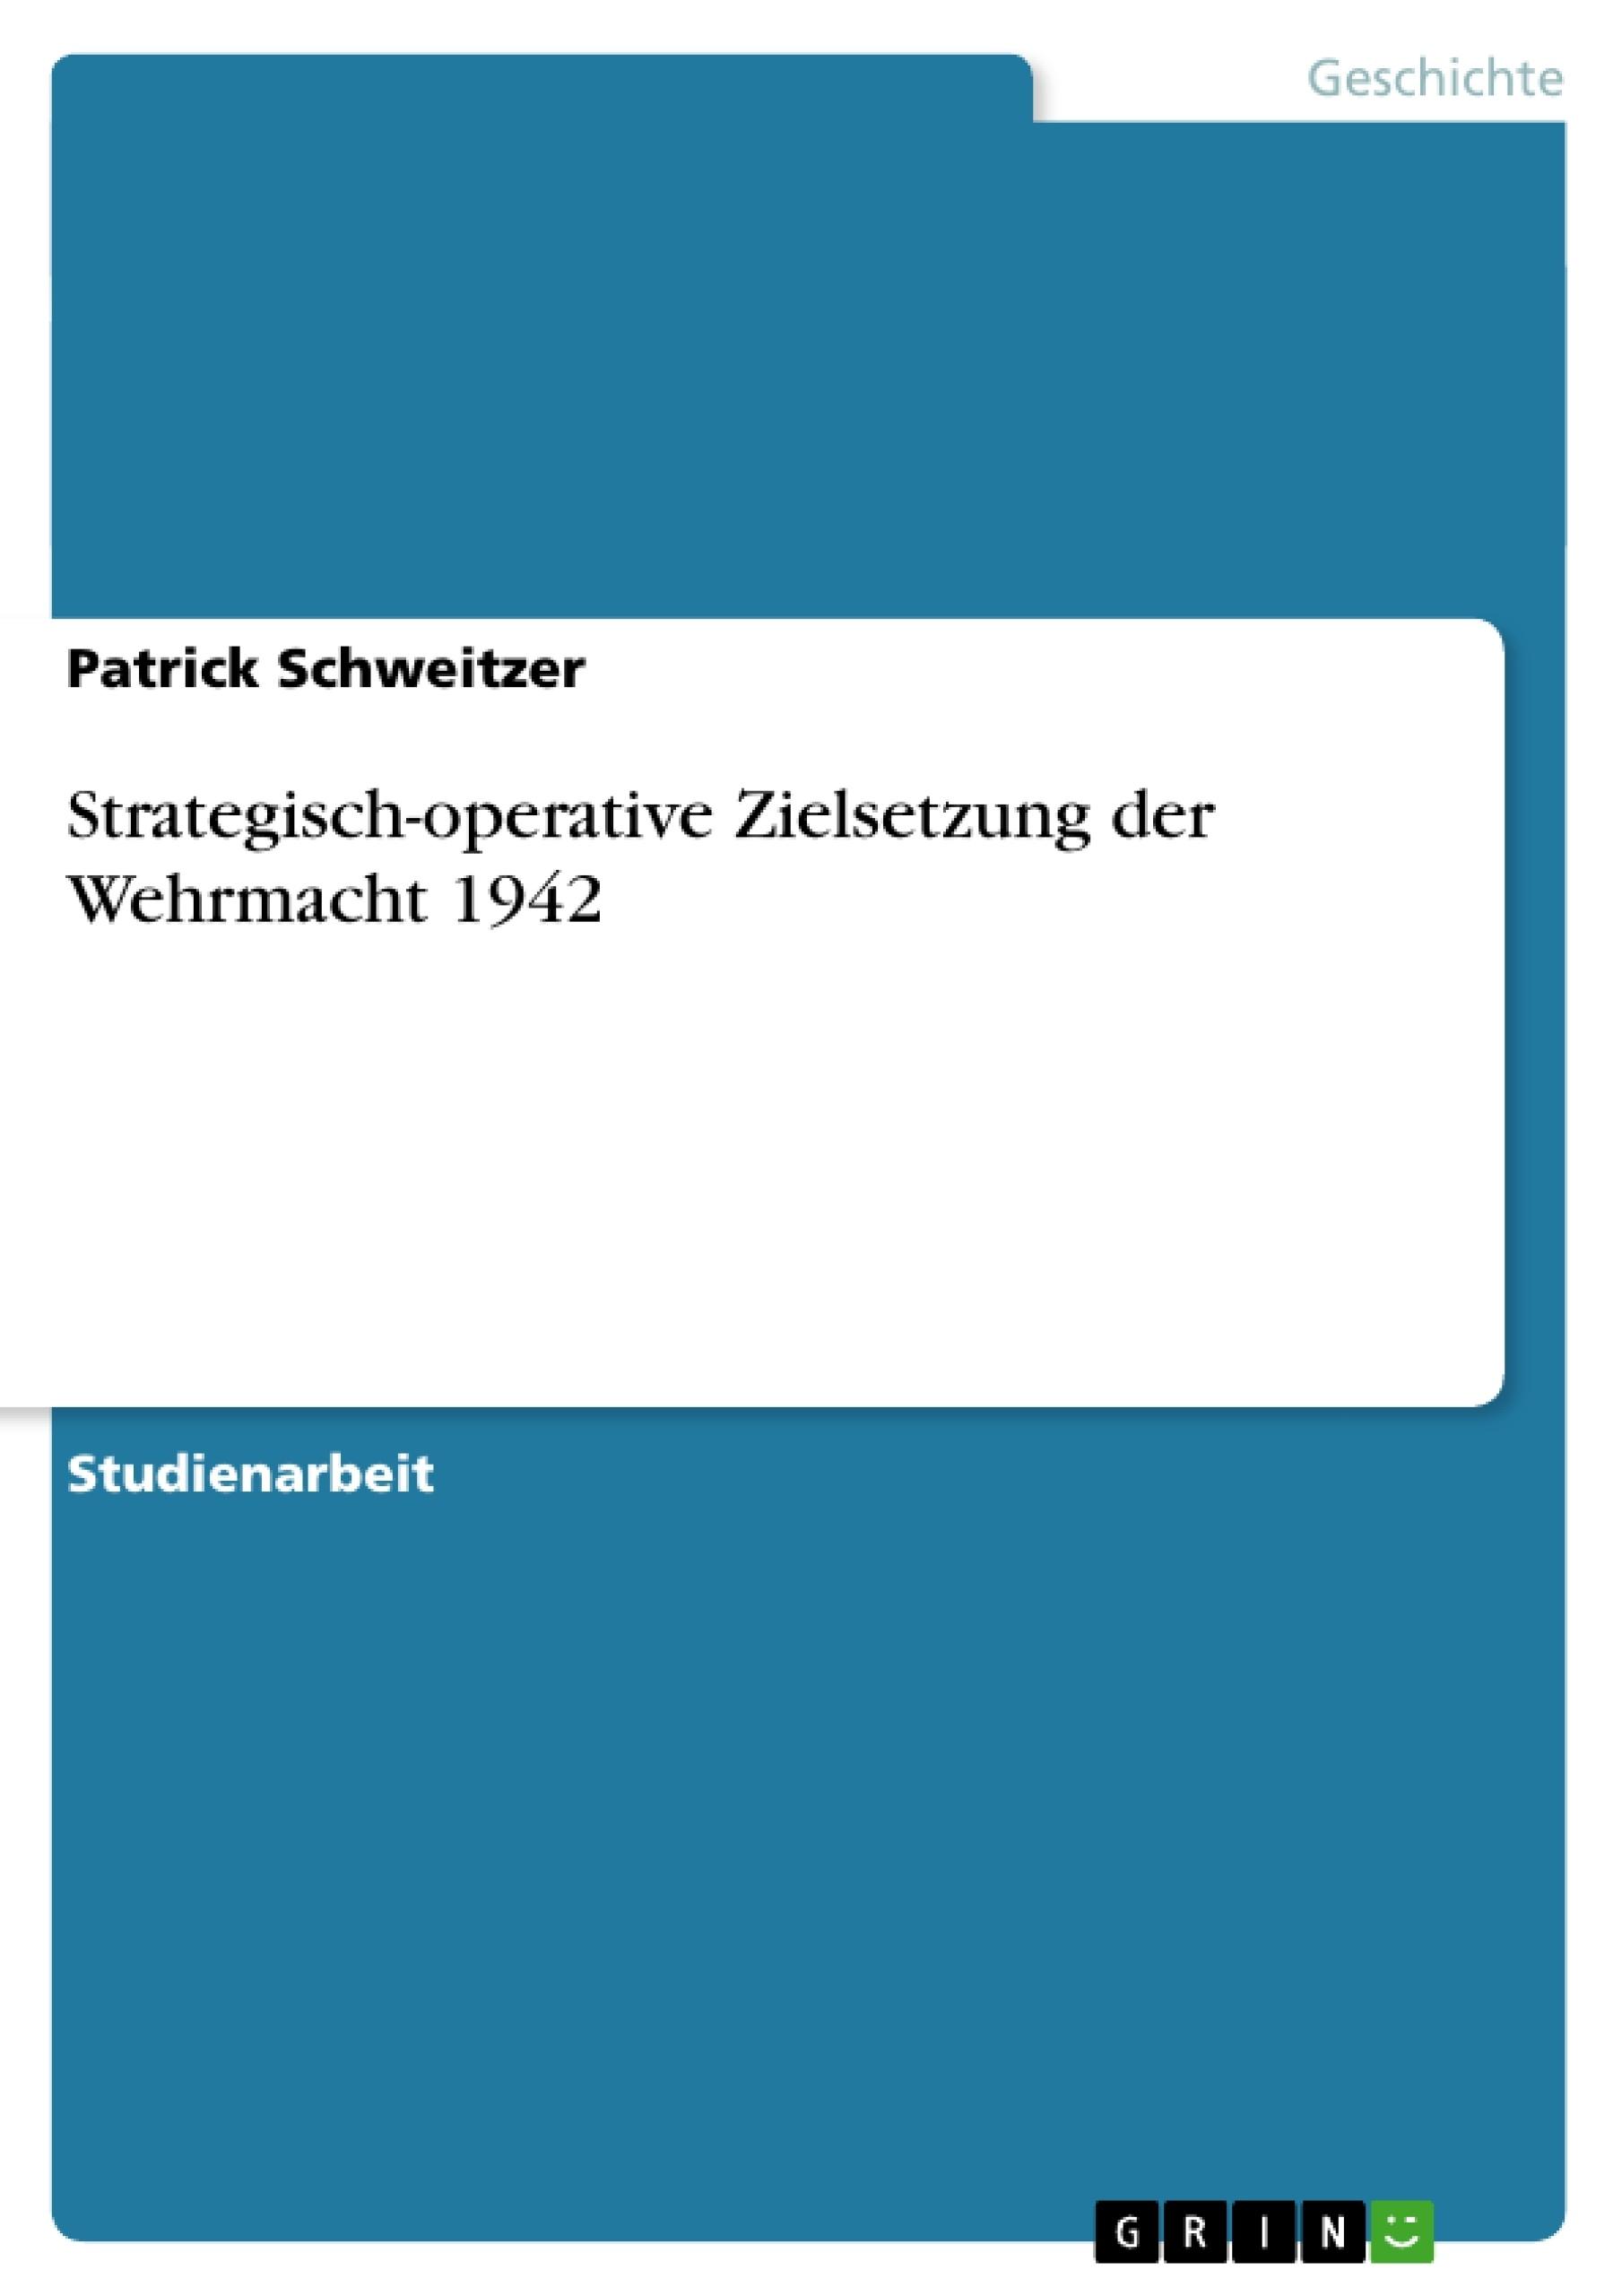 Titel: Strategisch-operative Zielsetzung der Wehrmacht 1942